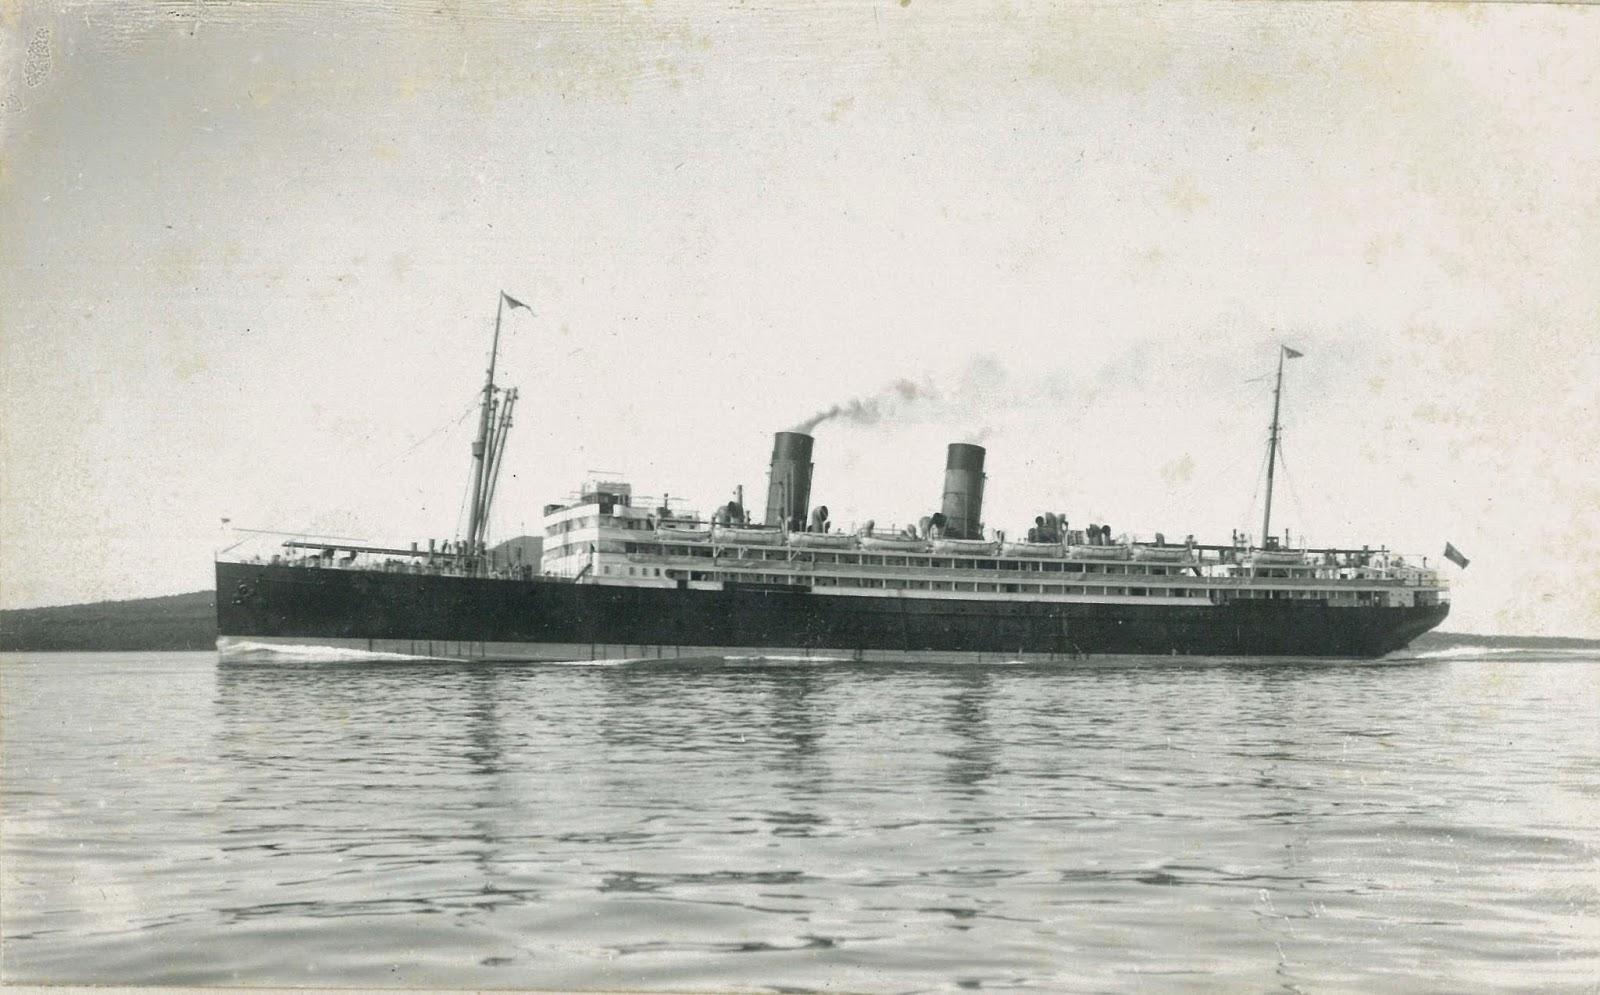 https://rfacdn.nz/maritime/assets/media/ss-niagara-bill-laxon-collection-vnzmm.jpg